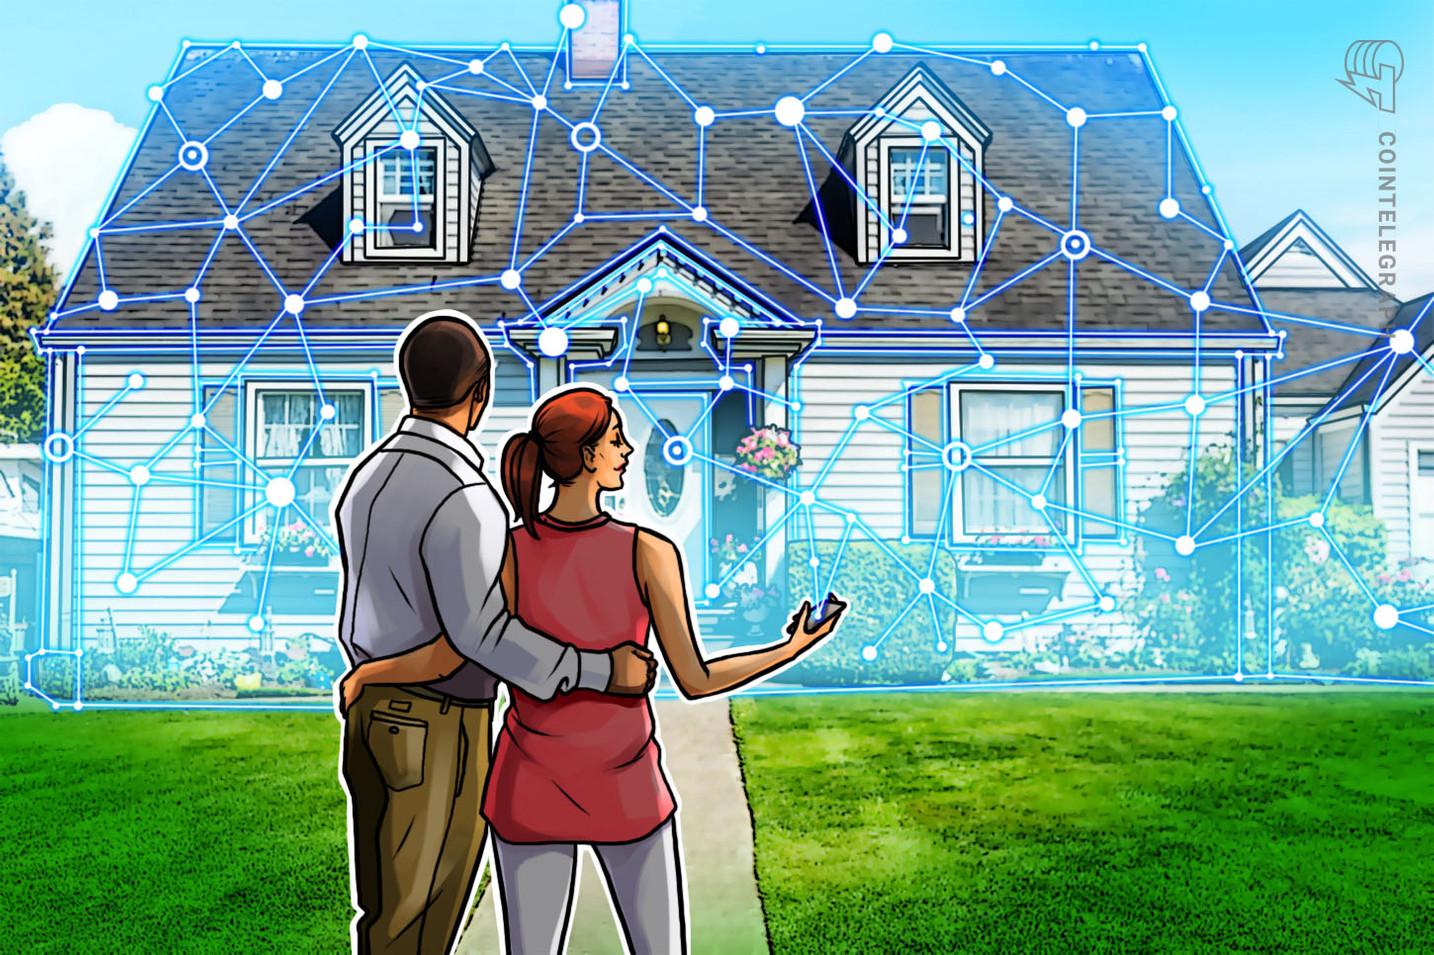 Un nuevo laboratorio blockchain pretende modernizar el sector hipotecario